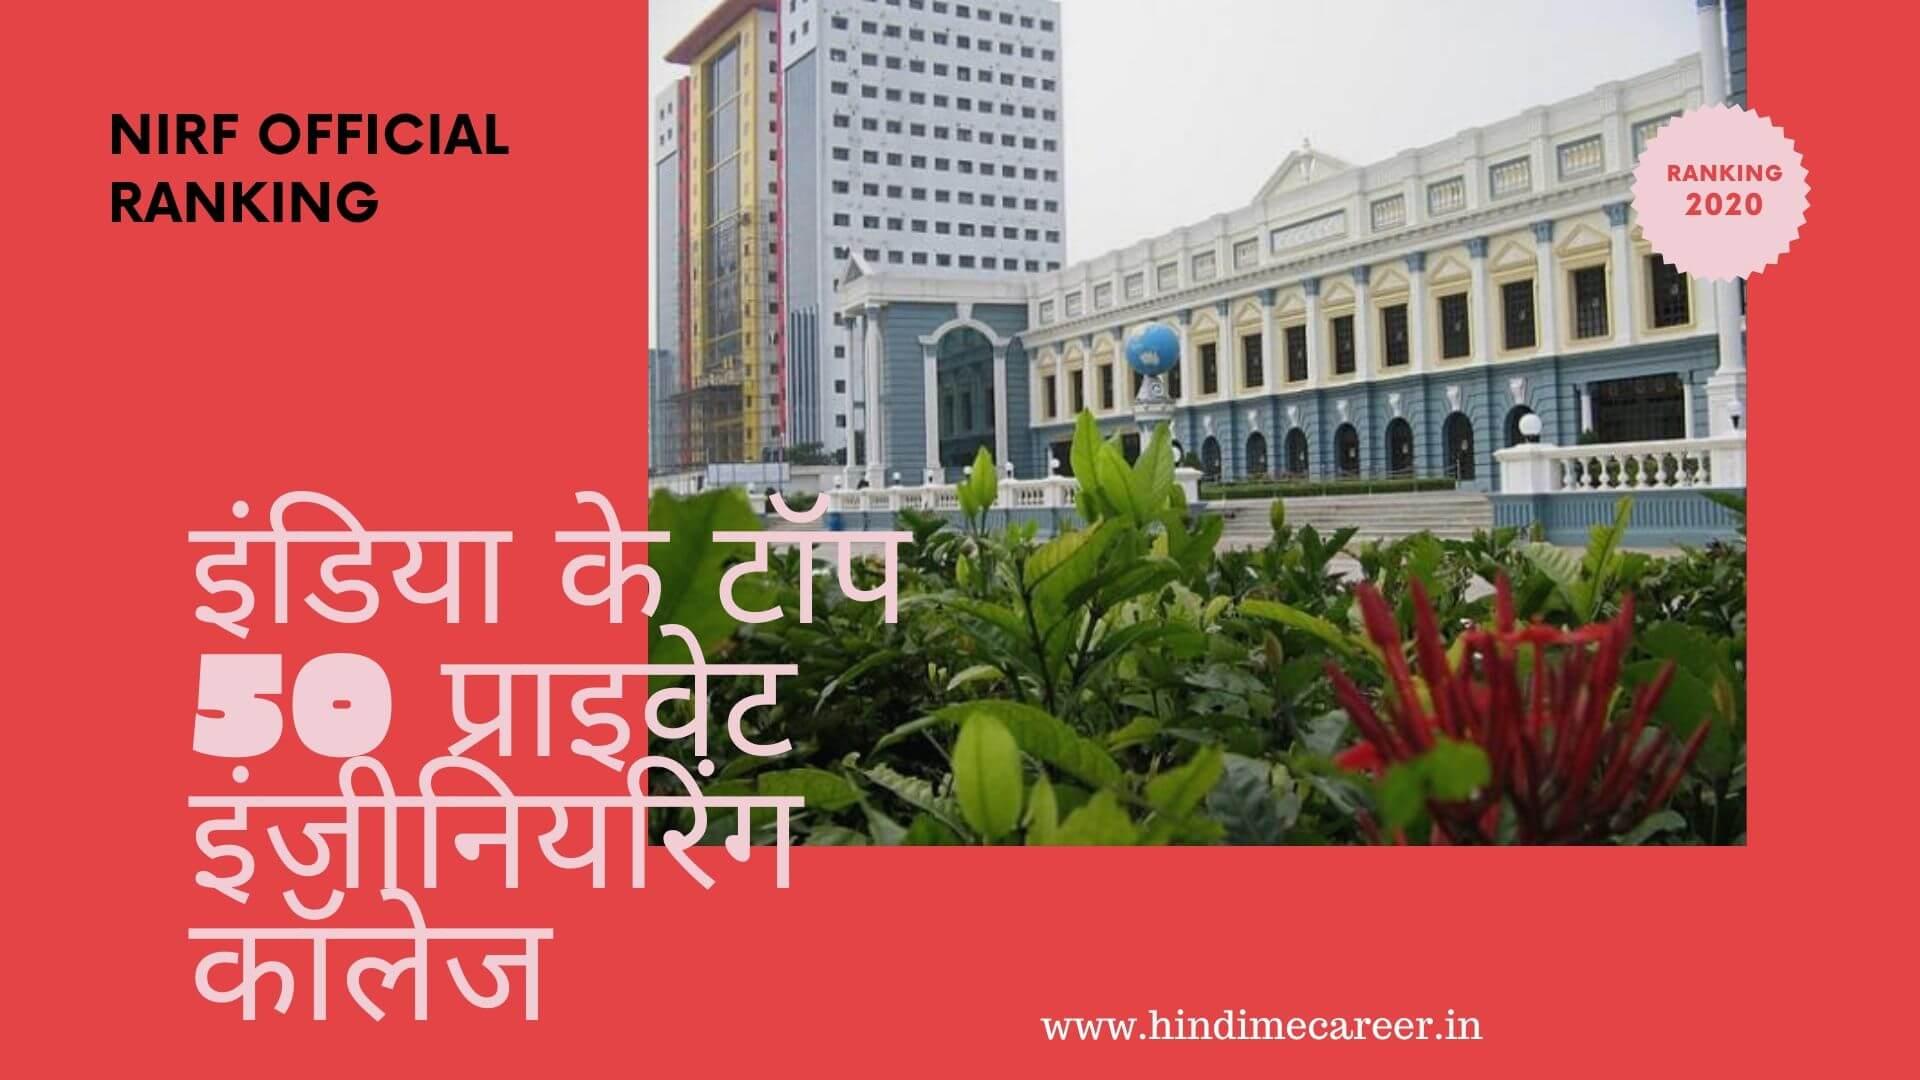 इंडिया के टॉप 50 प्राइवेट इंजीनियरिंग कॉलेज 2020 में – full डिटेल